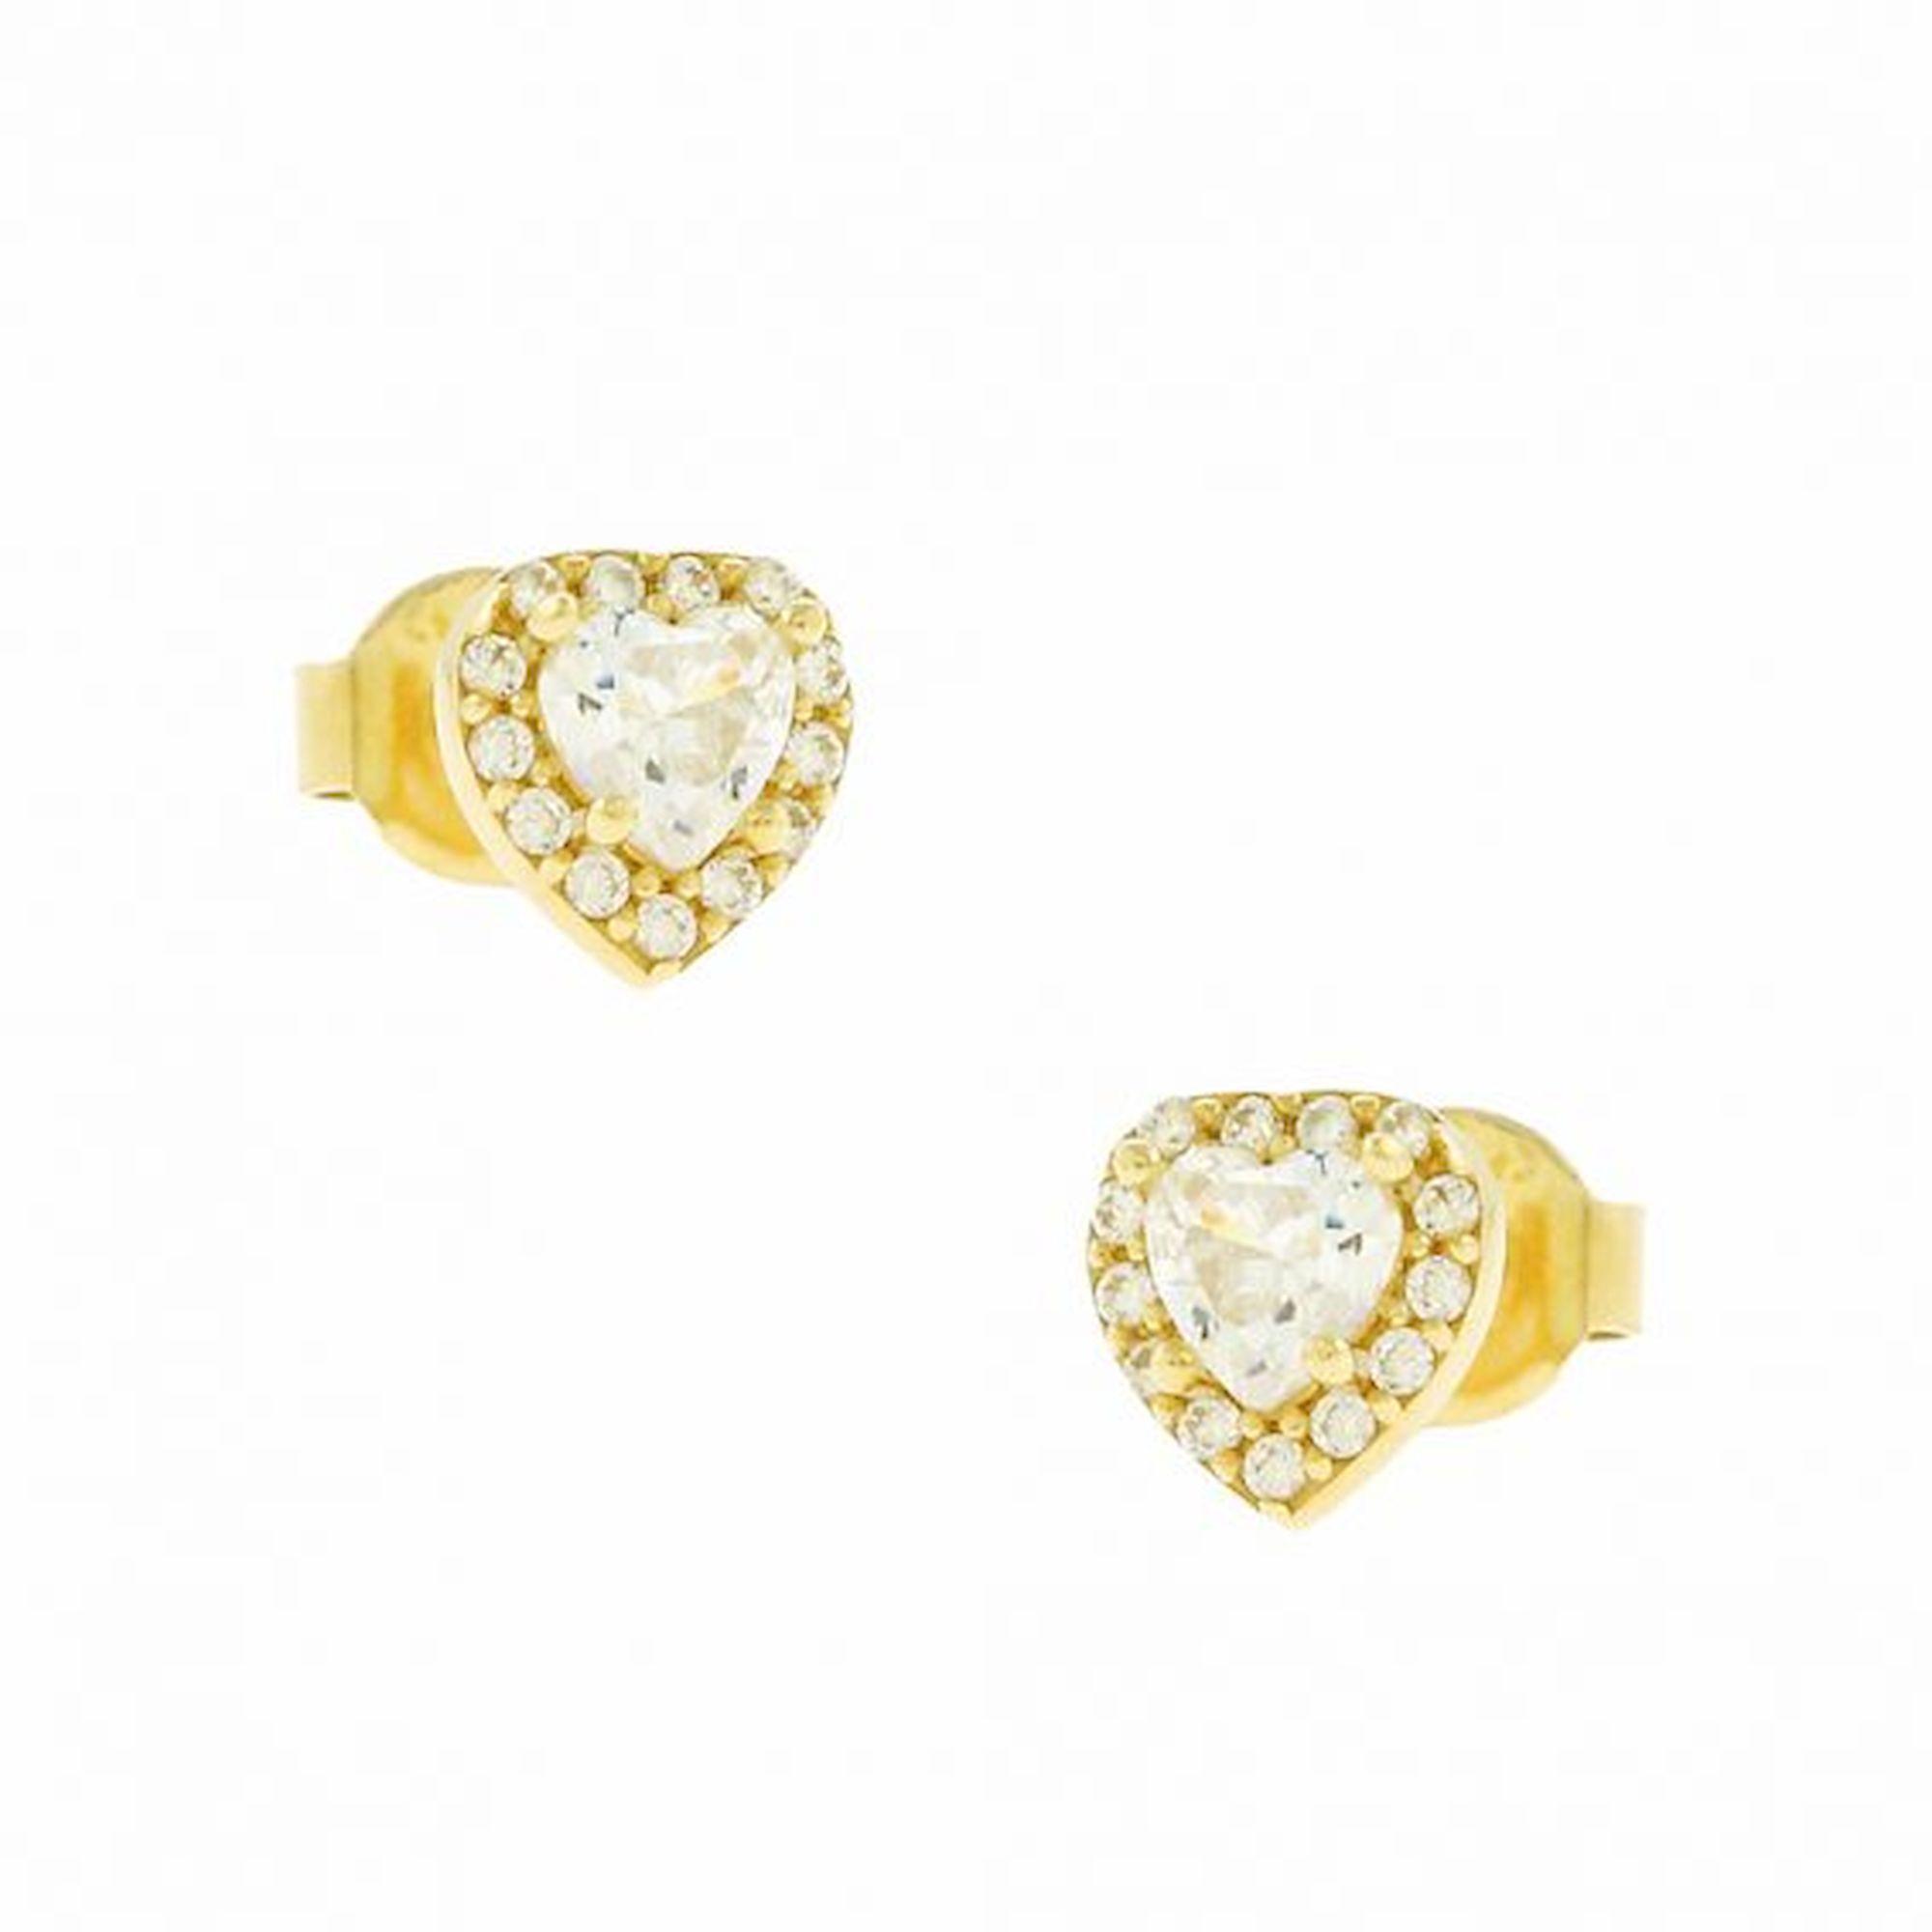 Σκουλαρίκια με Πέτρές Ζιργκόν σε σχήμα Καρδιάς